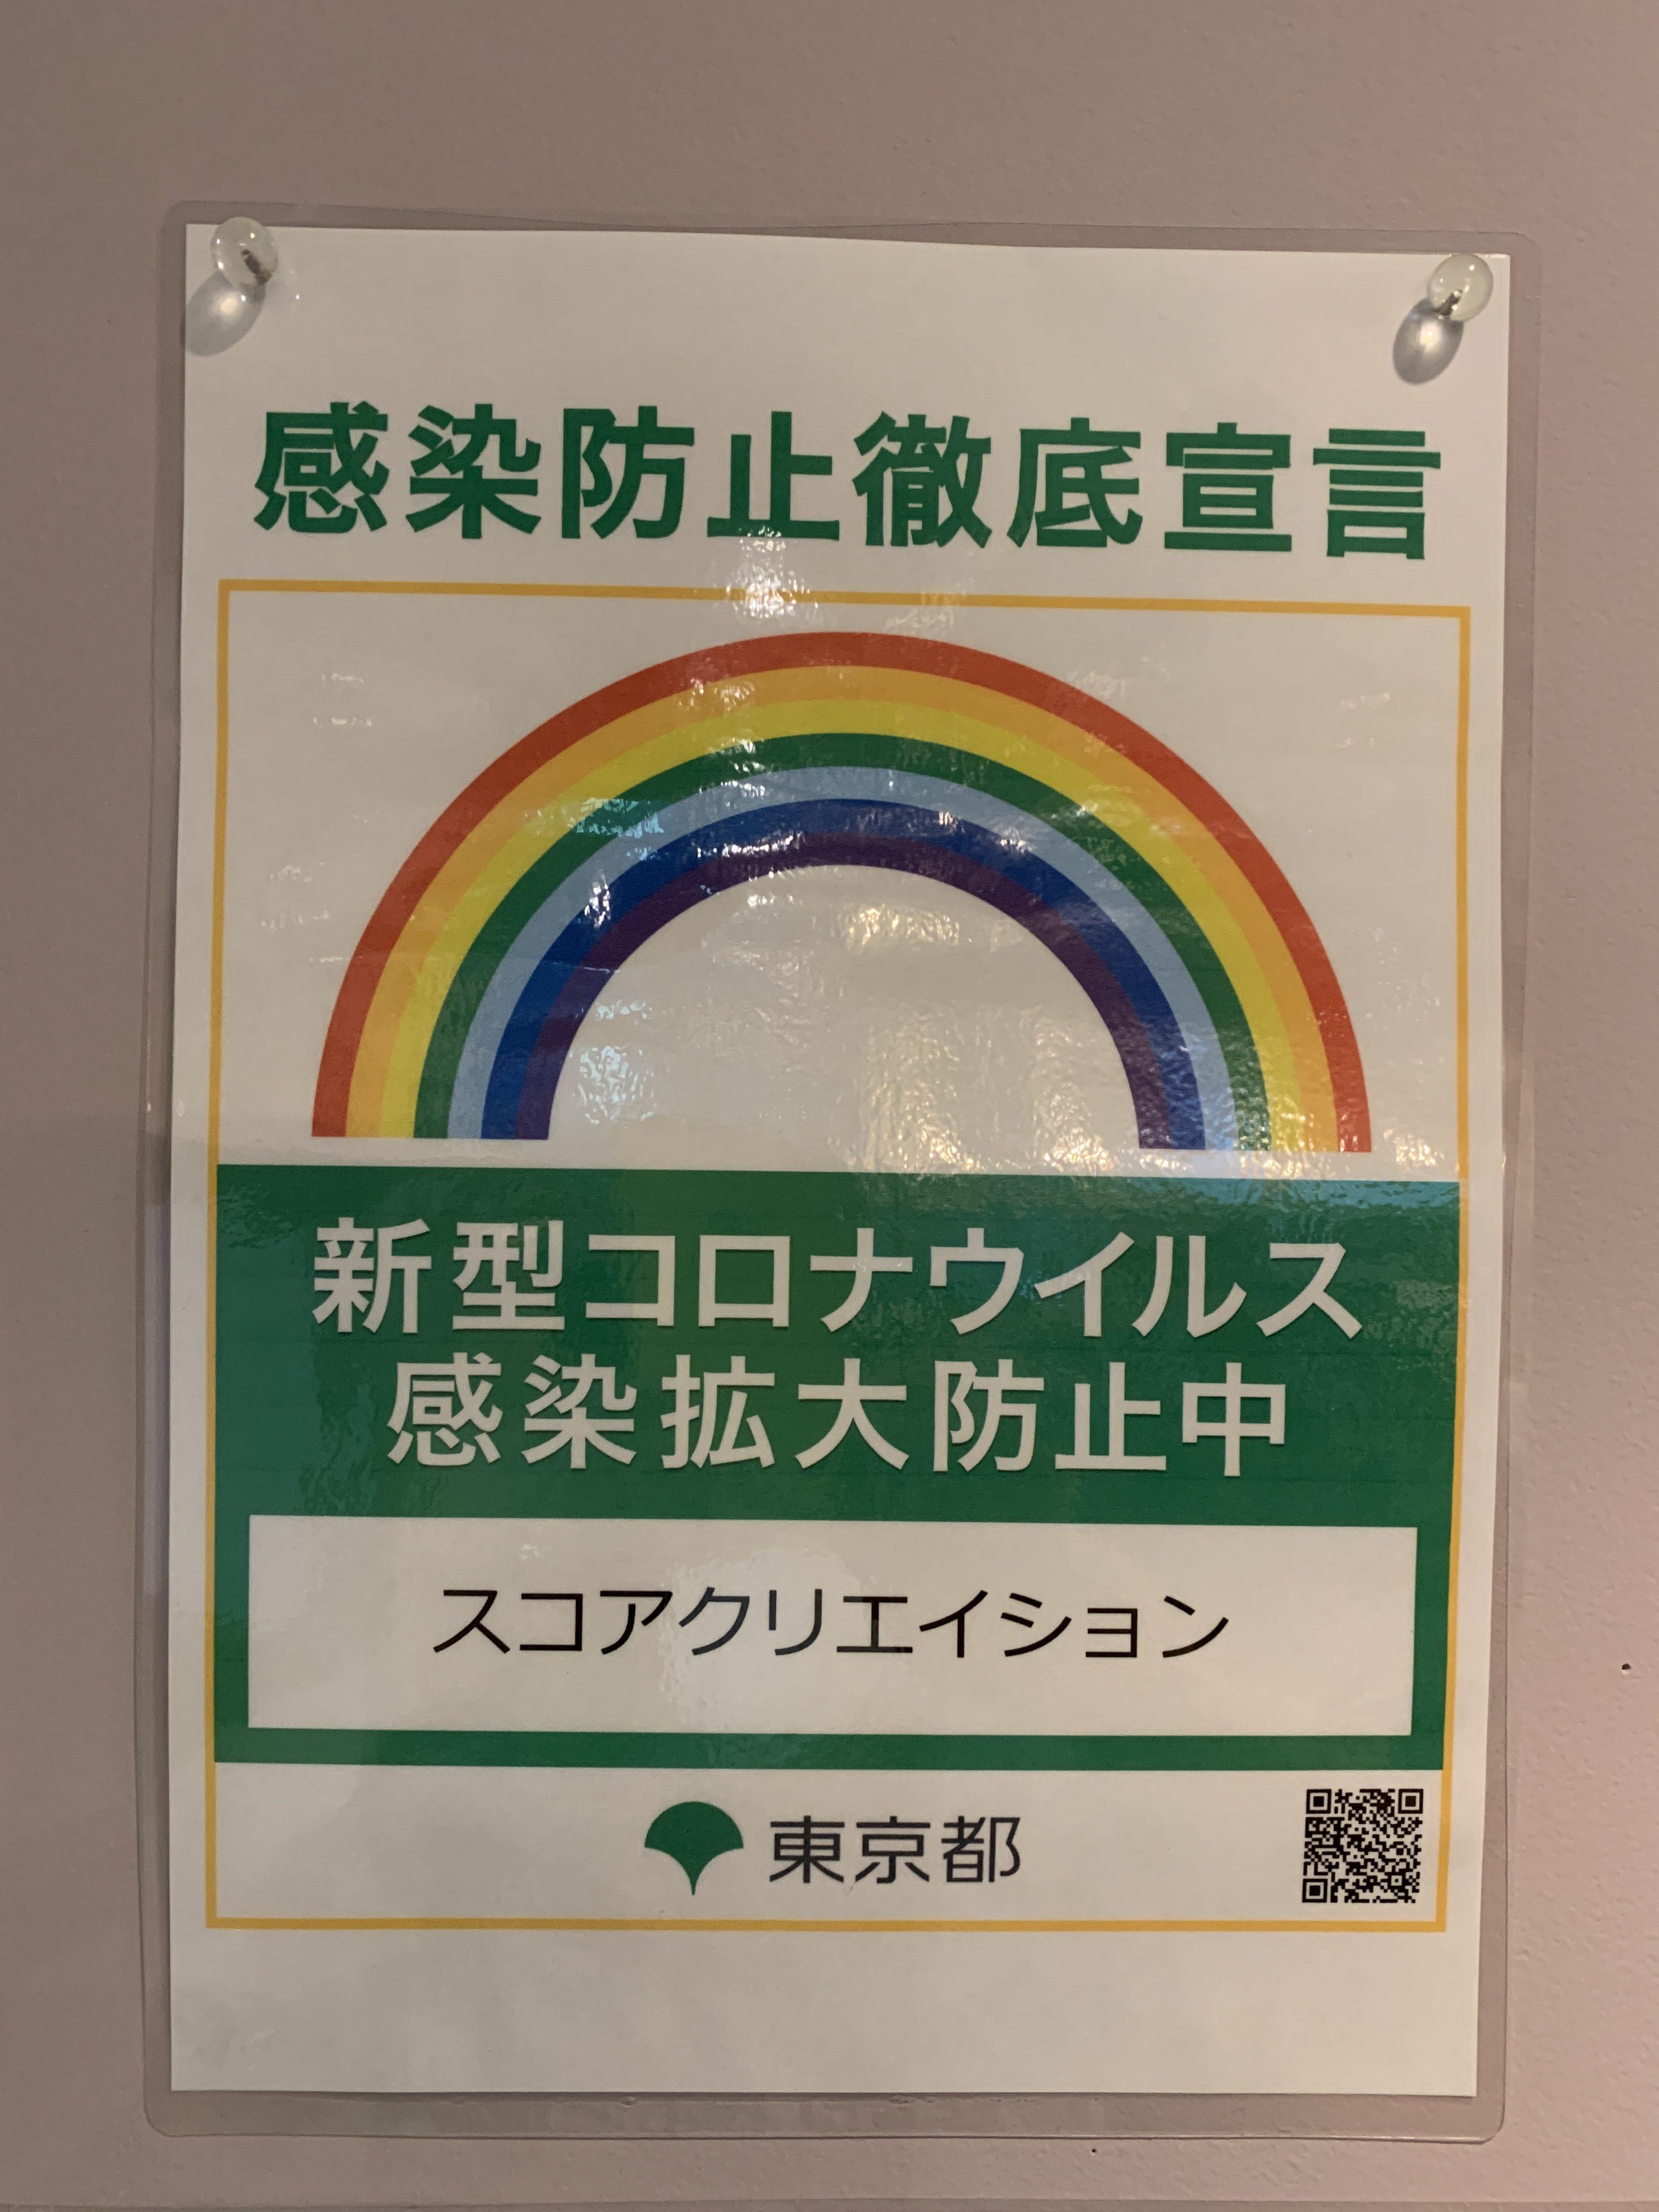 東京都の「感染防止徹底宣言」ステッカーを取得いたしました。